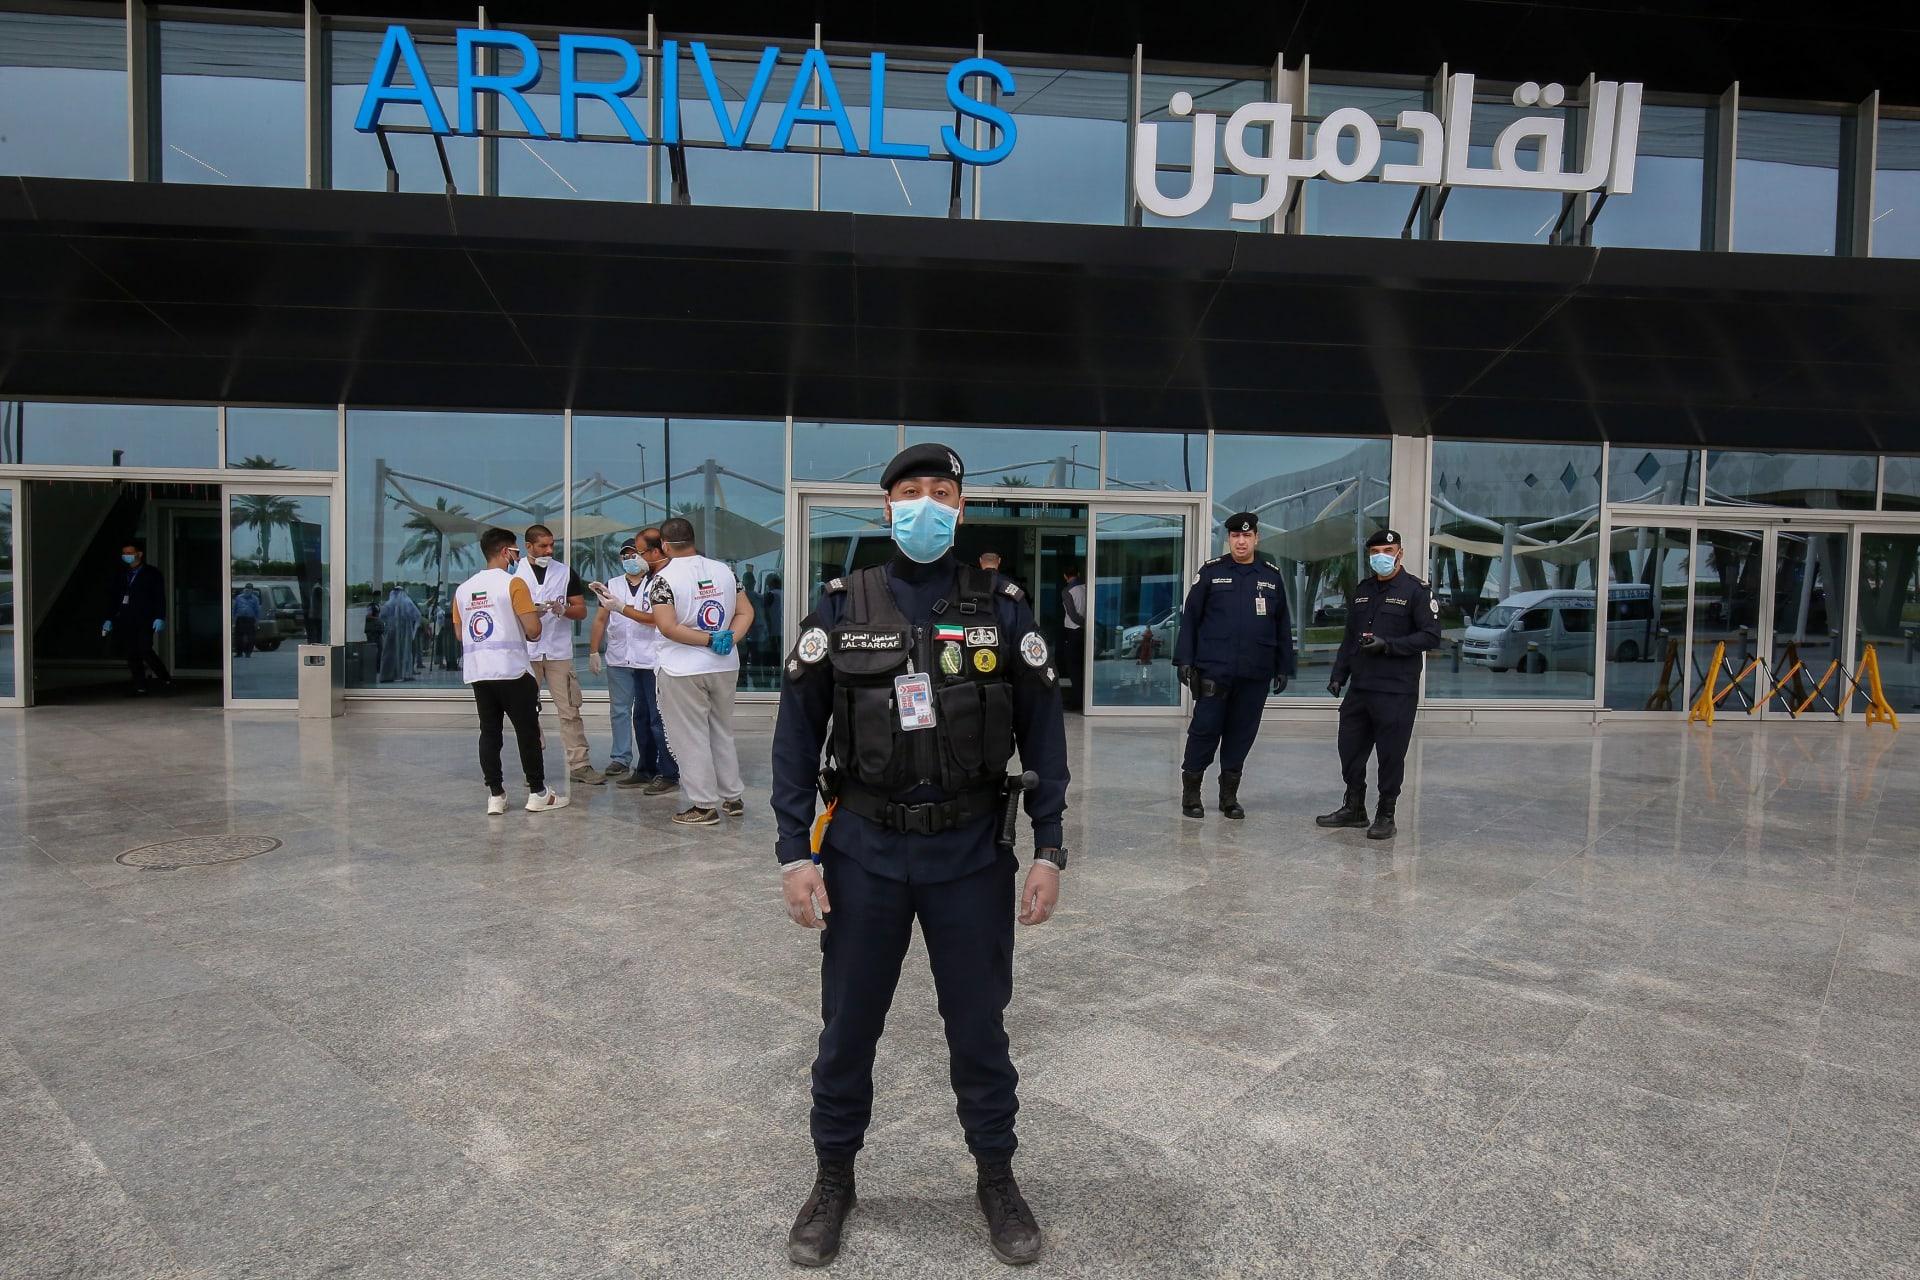 بوابة القادمين في مطار الكويت